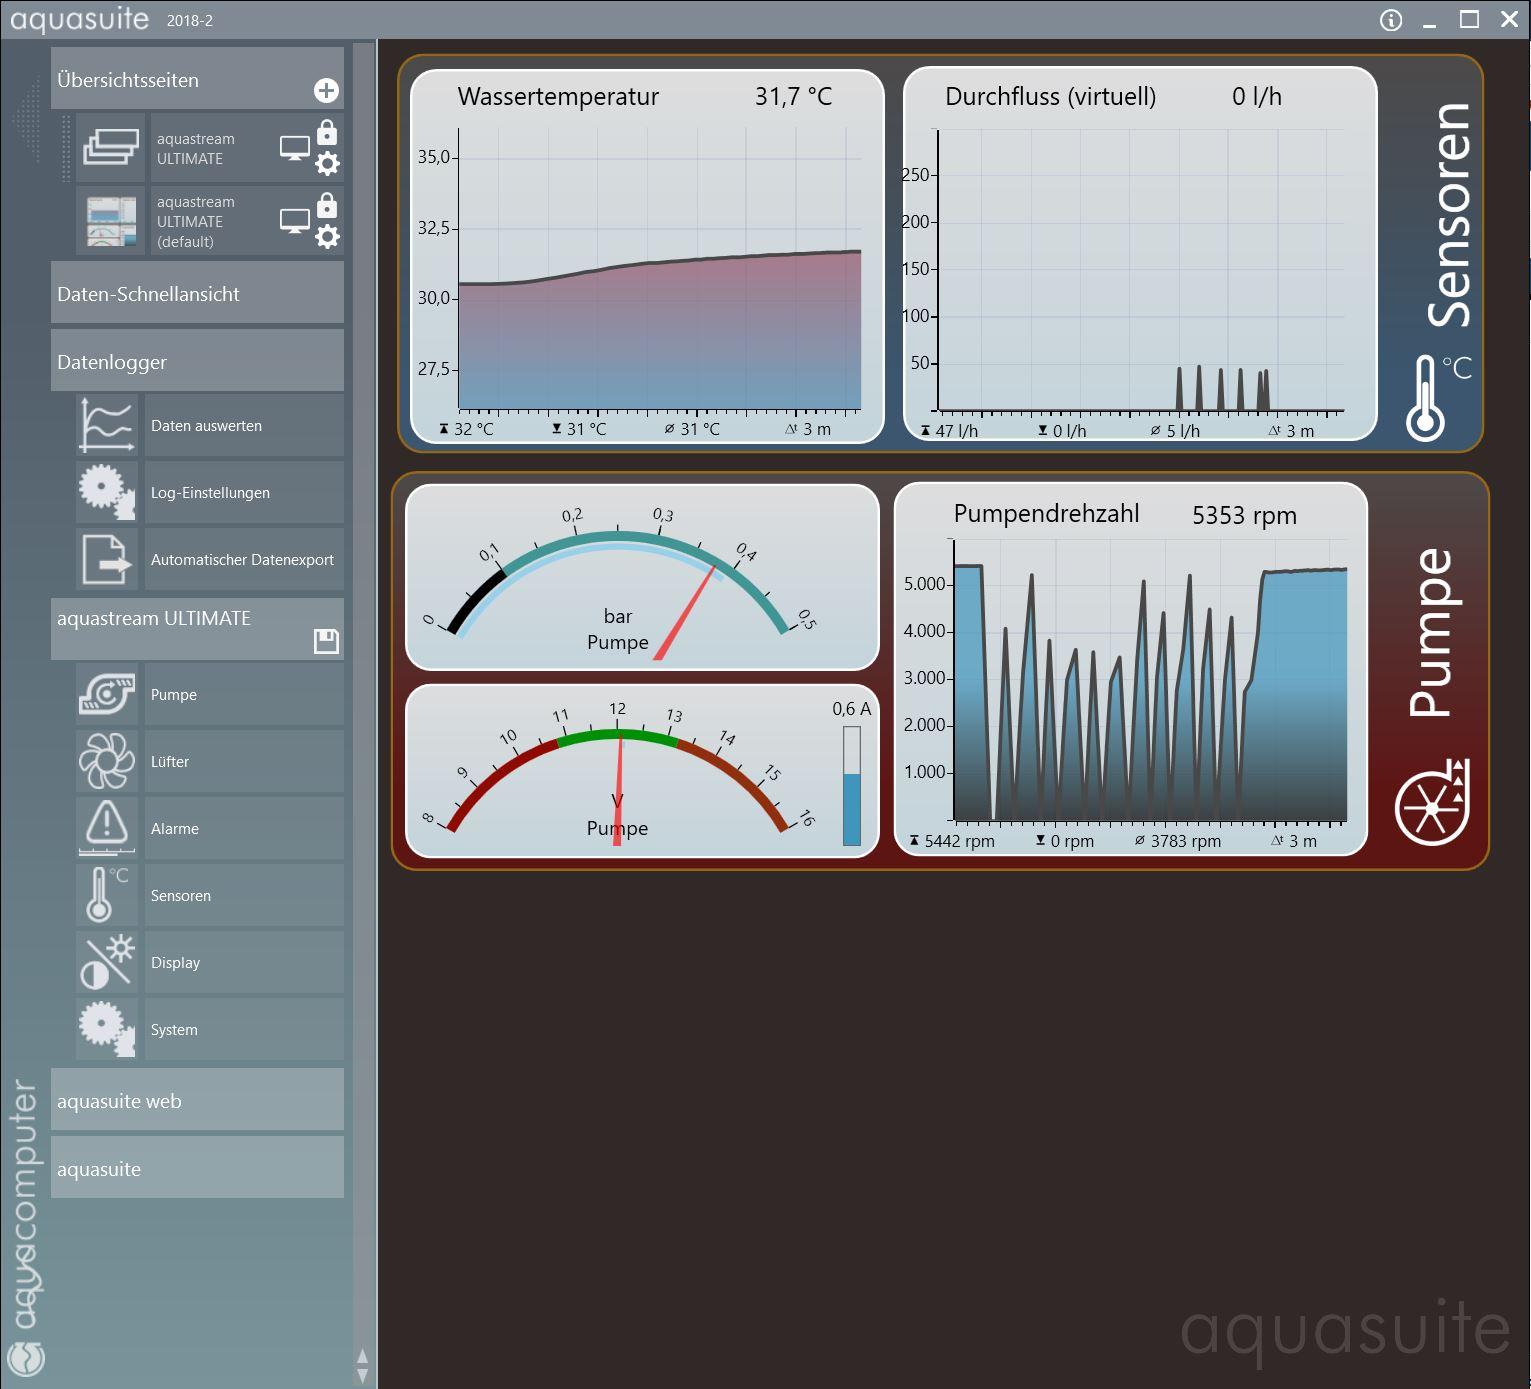 Klicken Sie auf die Grafik für eine größere Ansicht  Name:durchfluss.JPG Hits:11 Größe:199,2 KB ID:1002591